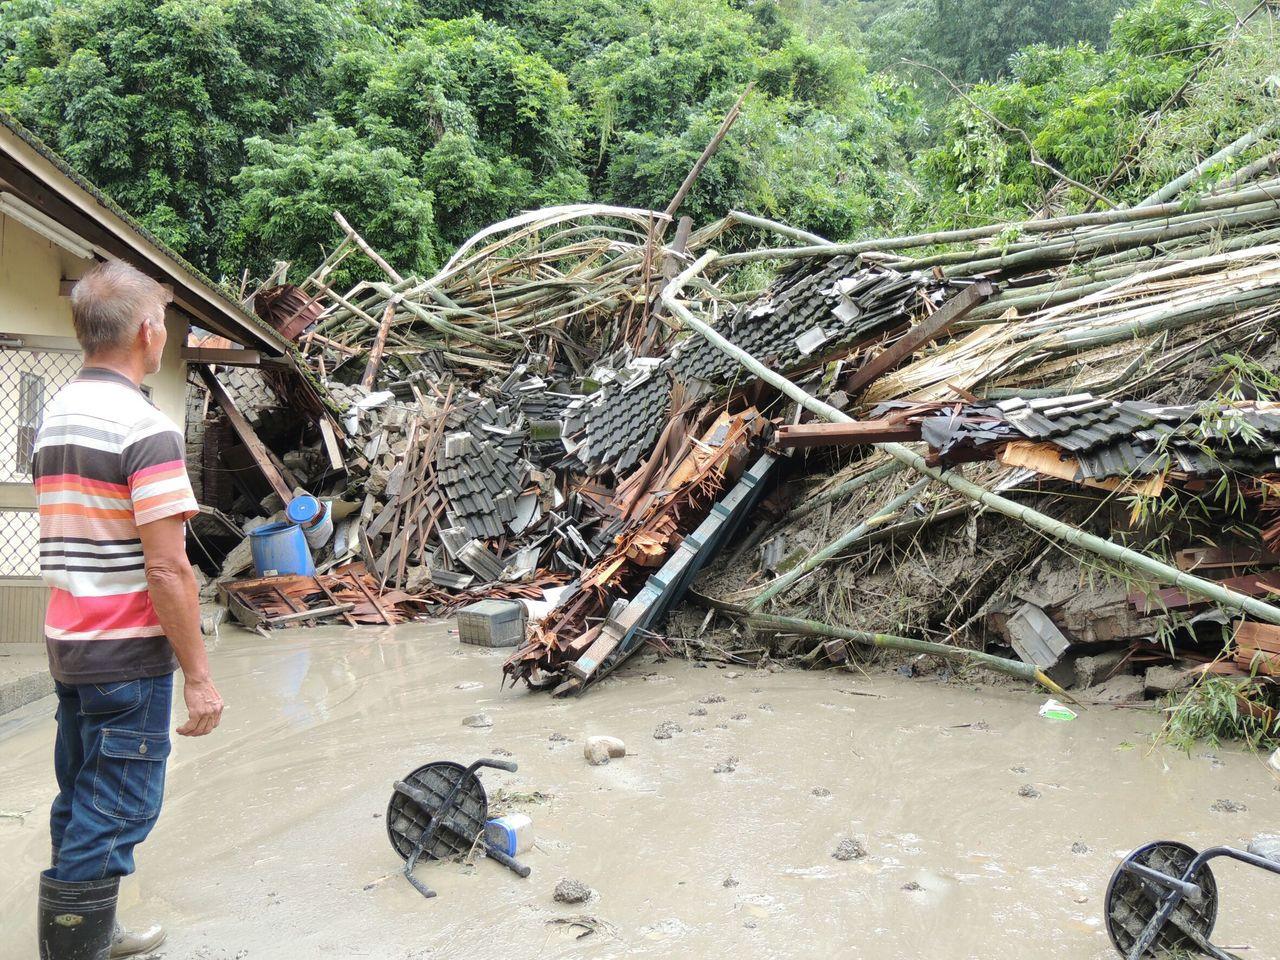 名間鄉仁和村爆發土石流,三合院被土石流衝垮,幸好無人受傷。圖/讀者提供